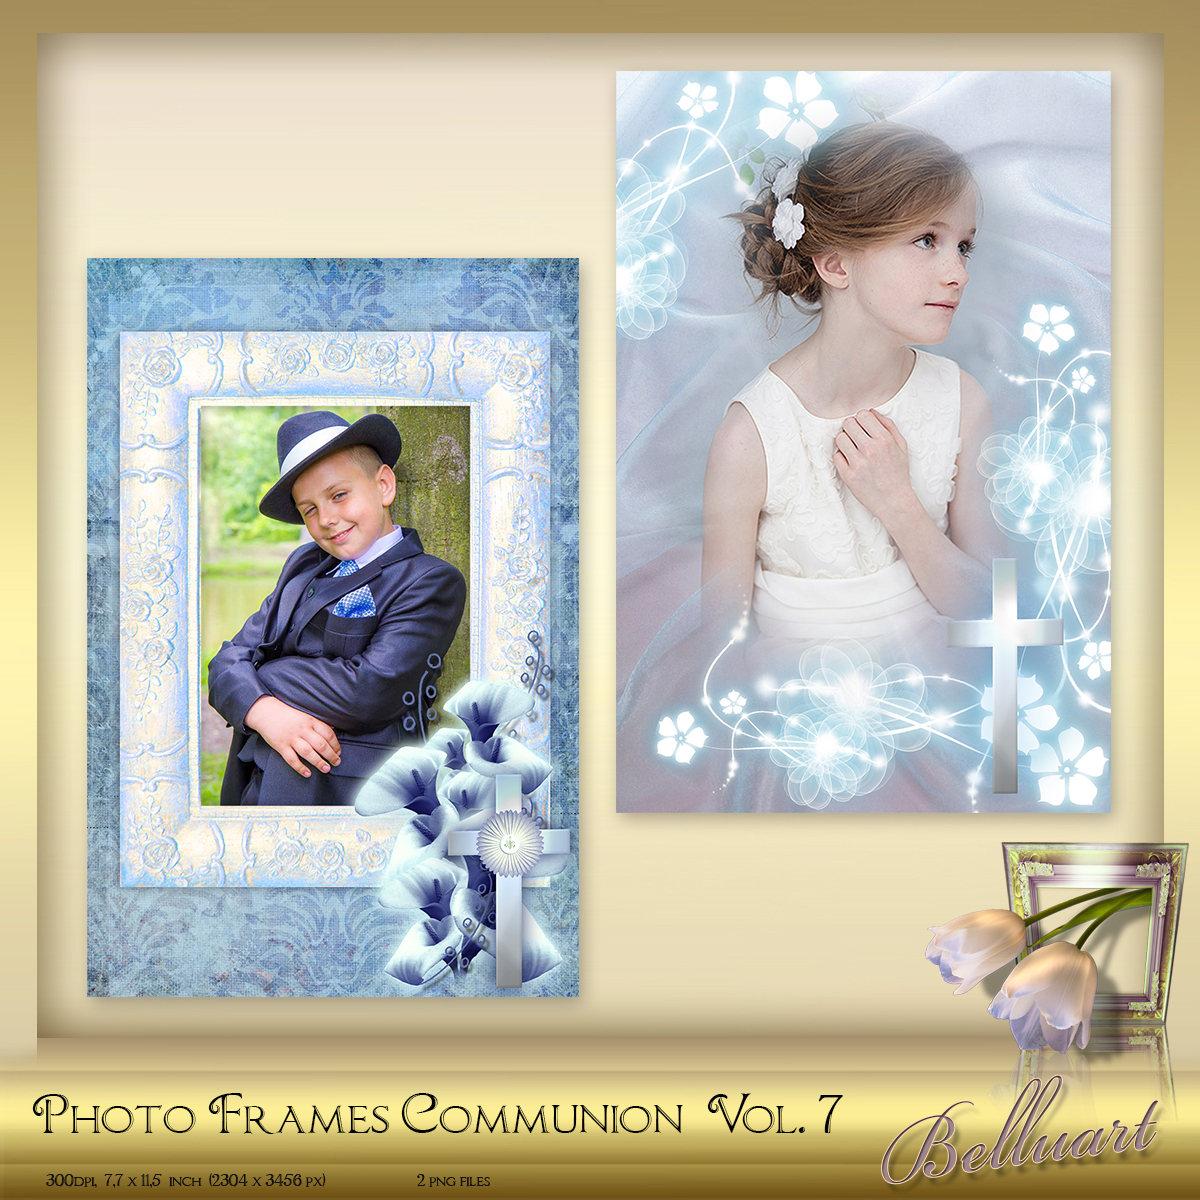 2 digital foto marcos primera comunión confirmación vol. 7 - marco ...